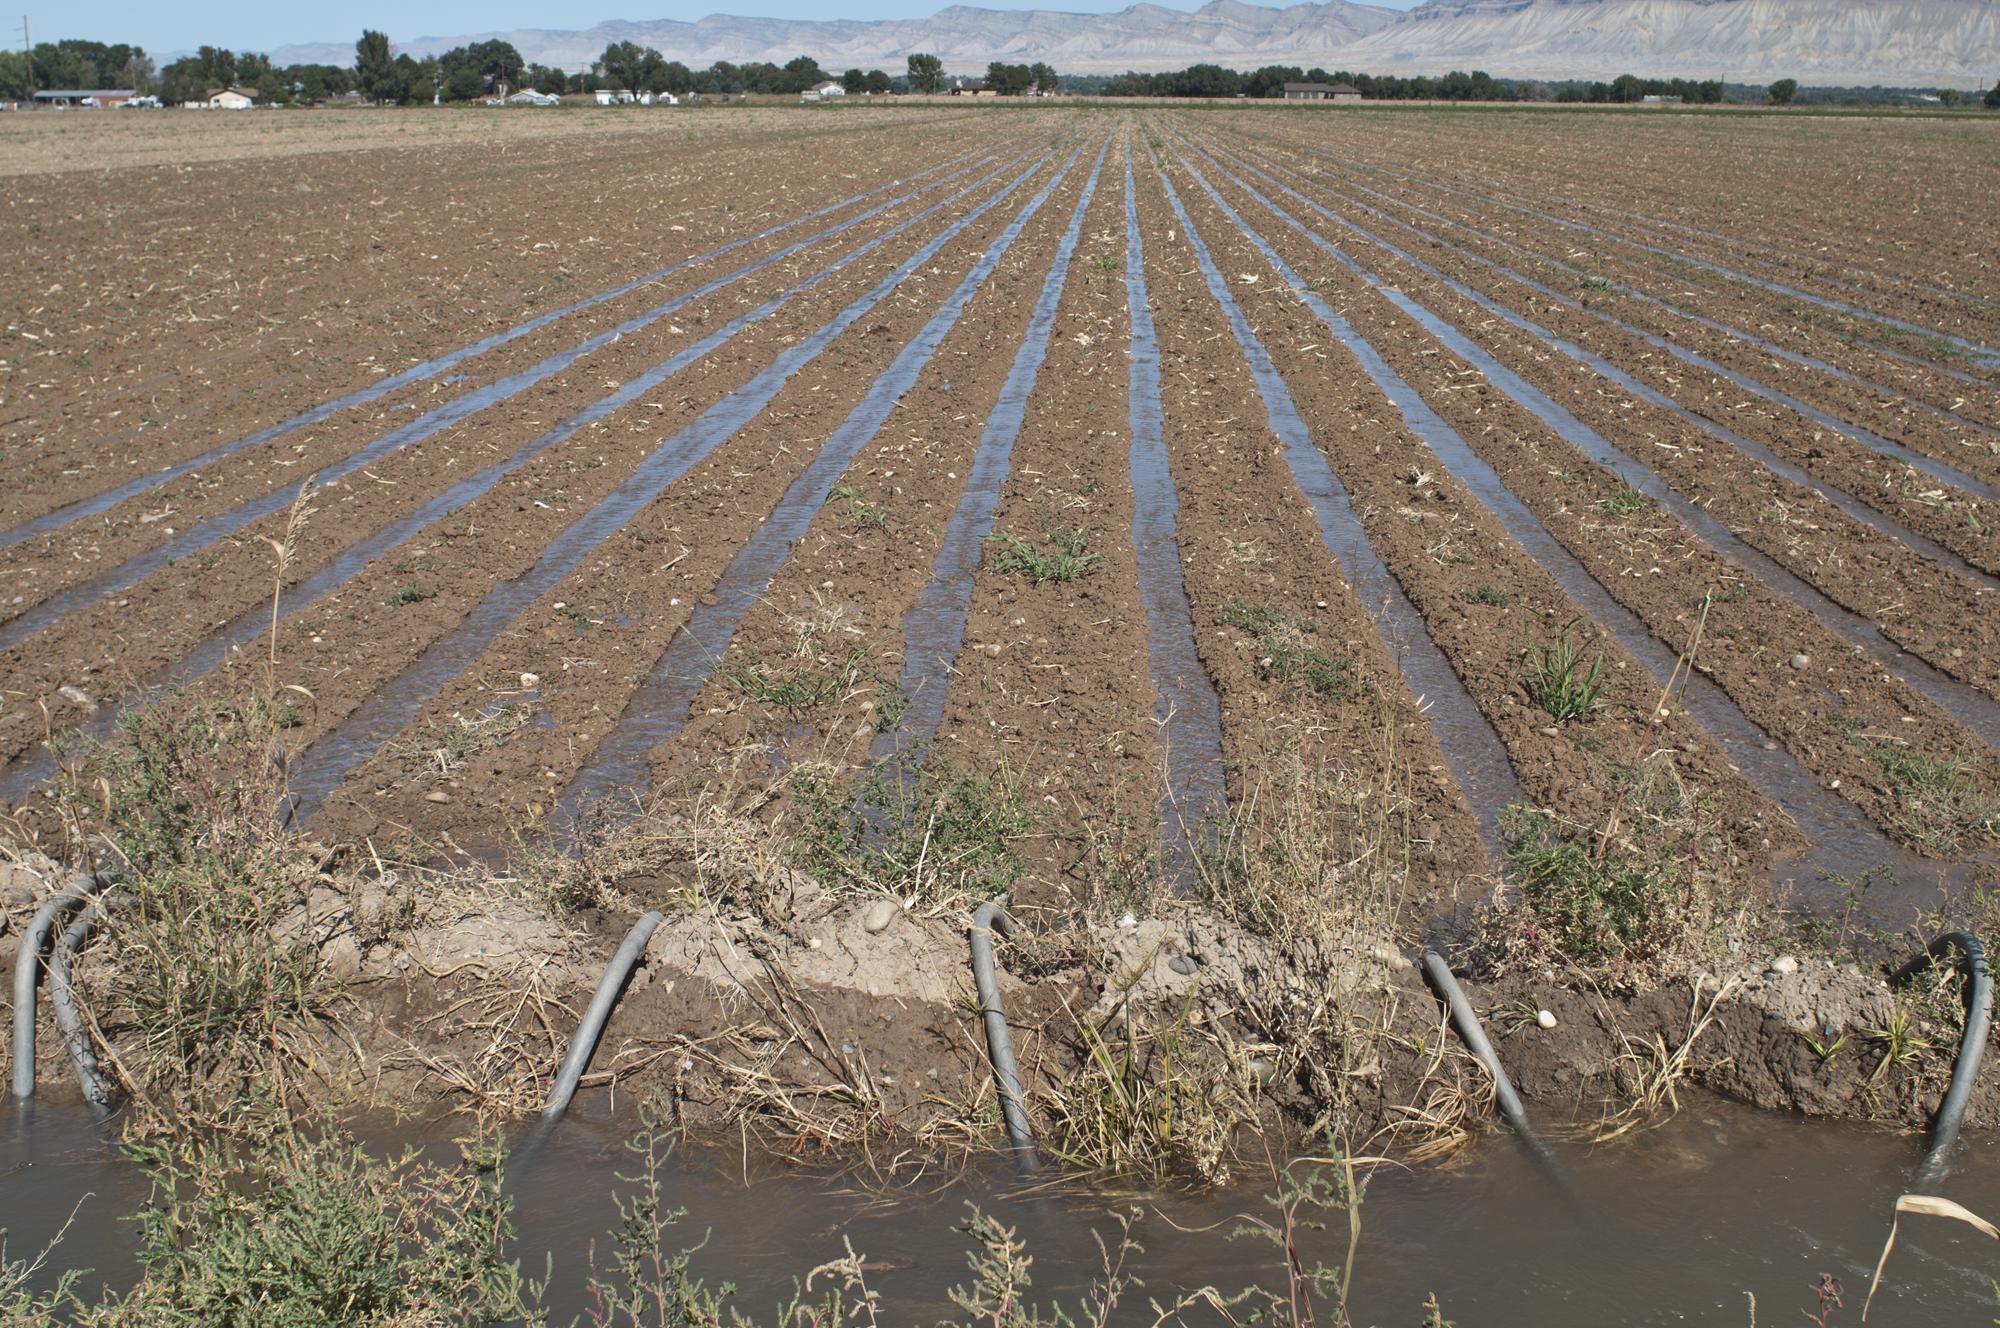 watering corn field